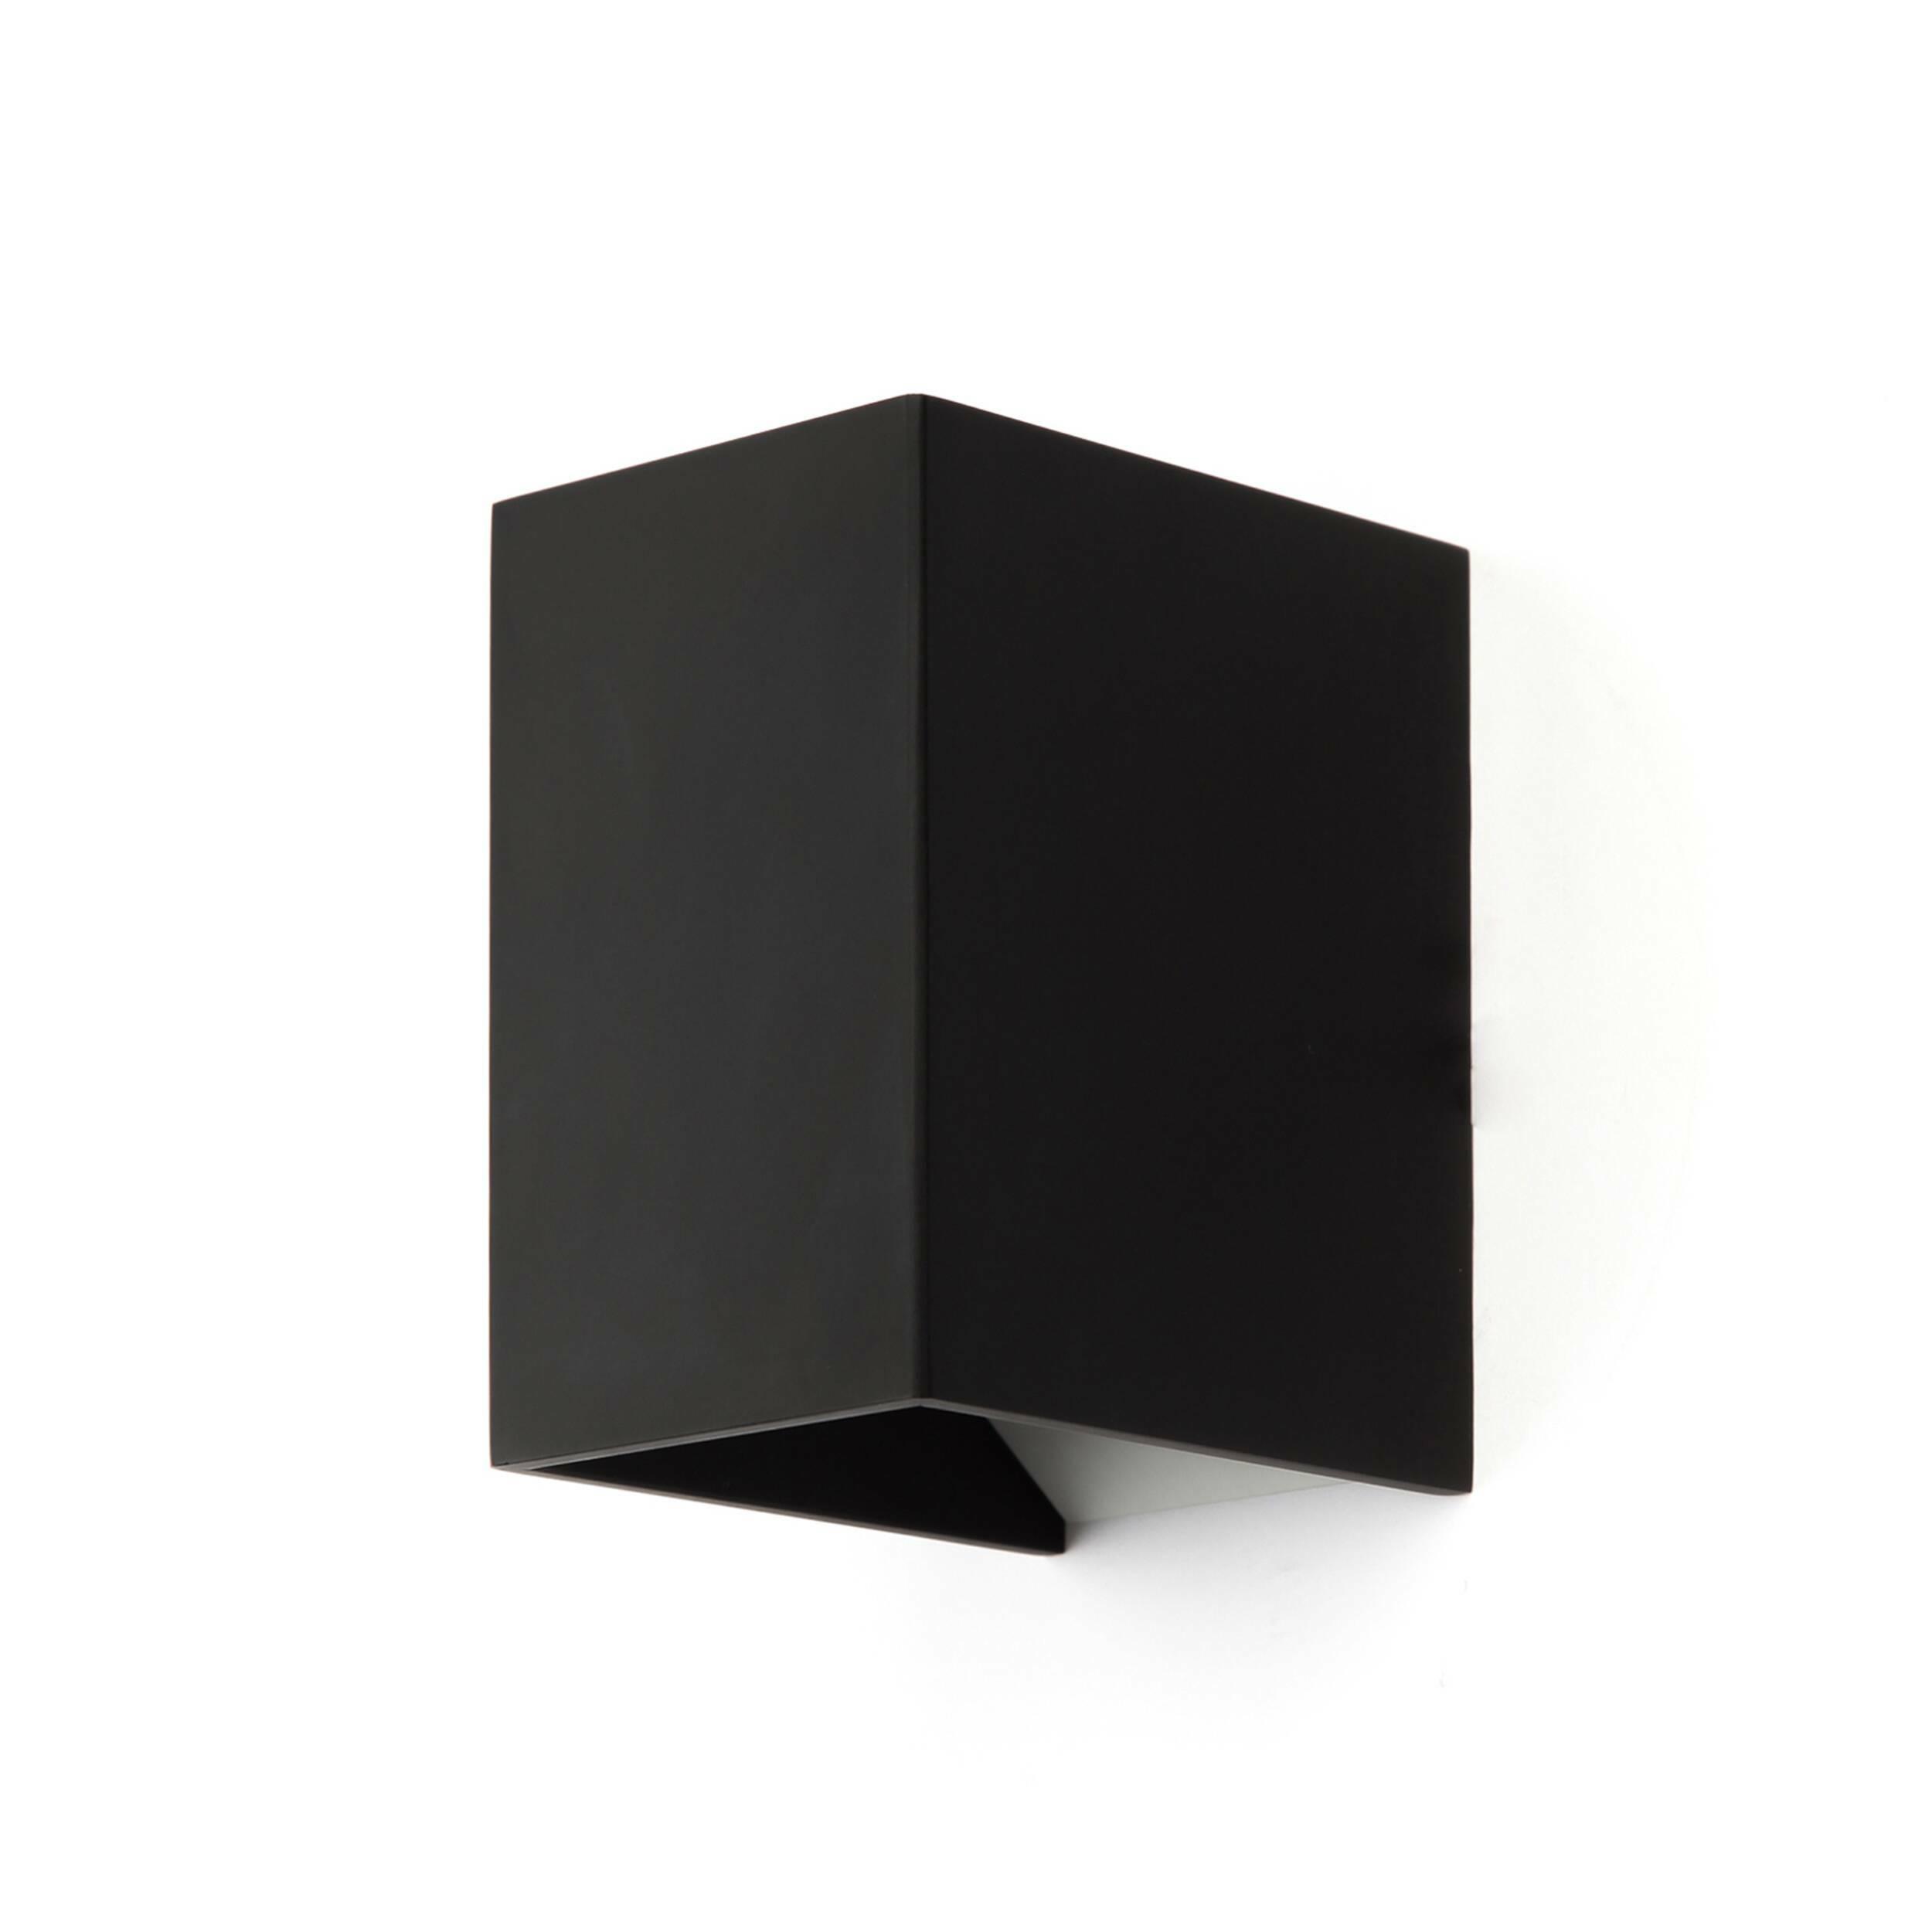 Настенный светильник Magic BoxНастенные<br>Настенный светильник Magic Box — это отличный предмет домашнего интерьера, который способен ненавязчиво подчеркнуть главные акценты дизайна и дополнить его правильной геометрической формой и стильными цветовыми решениями: матовый темно-серый или матовый белый. Светильник напоминает волшебную коробку фокусника, из которой вот-вот выпрыгнет кролик или выпорхнет голубь.<br><br><br> Целостный корпус светильника изготовлен из качественного алюминия, который гарантирует прочность и долговечность изде...<br><br>stock: 3<br>Высота: 11<br>Ширина: 9,3<br>Длина: 6,9<br>Материал абажура: Алюминий<br>Материал арматуры: Алюминий<br>Мощность лампы: 3<br>Ламп в комплекте: Нет<br>Напряжение: 220<br>Тип лампы/цоколь: LED<br>Цвет абажура: Черный матовый<br>Цвет арматуры: Черный матовый